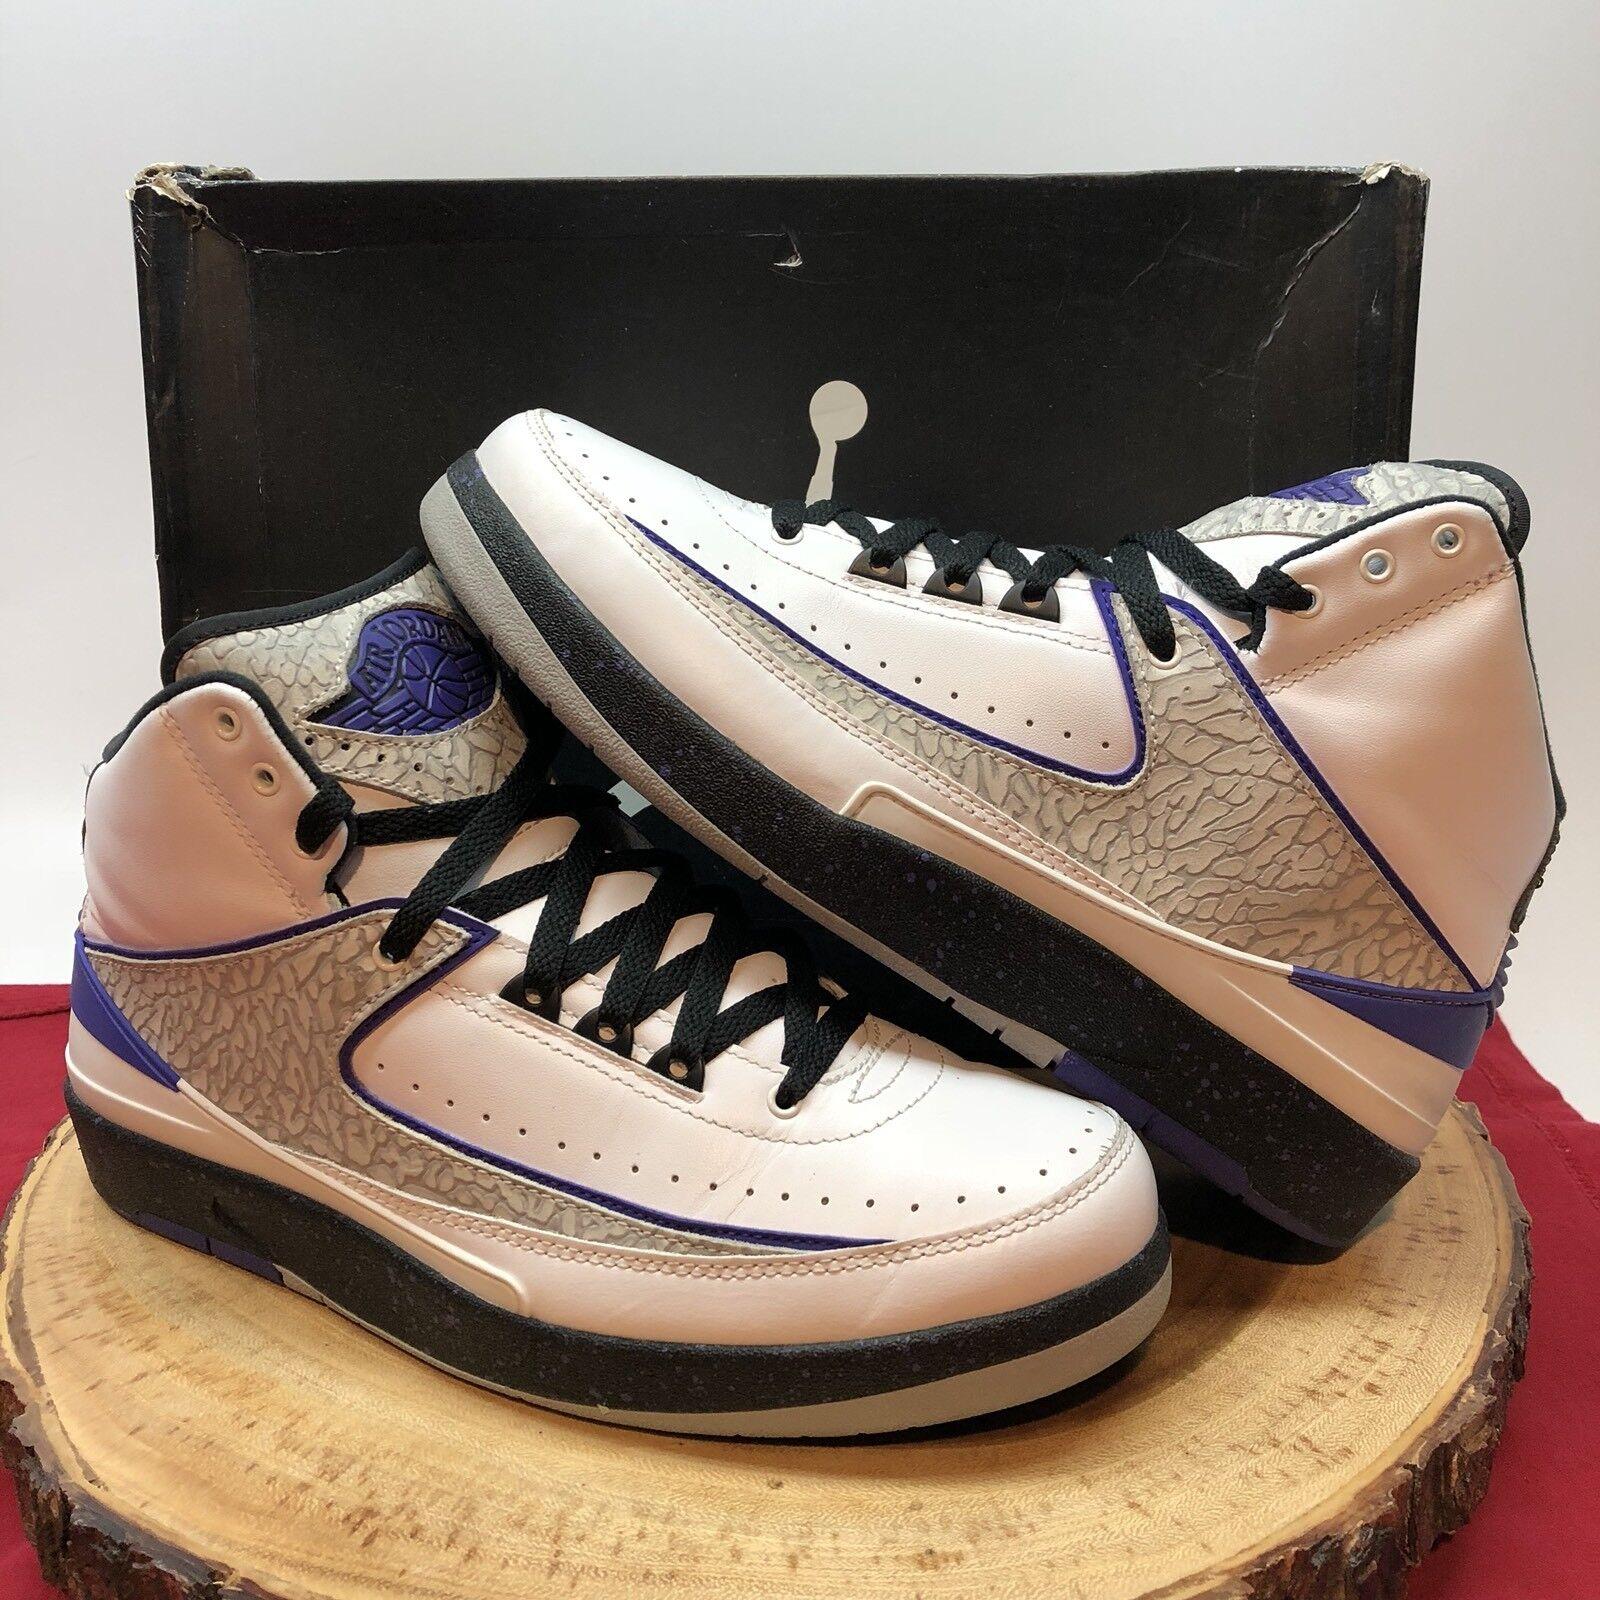 Nike Air Jordan Retro II Concord Purple Cement Size 9.5 385475 153 IV III XI XII